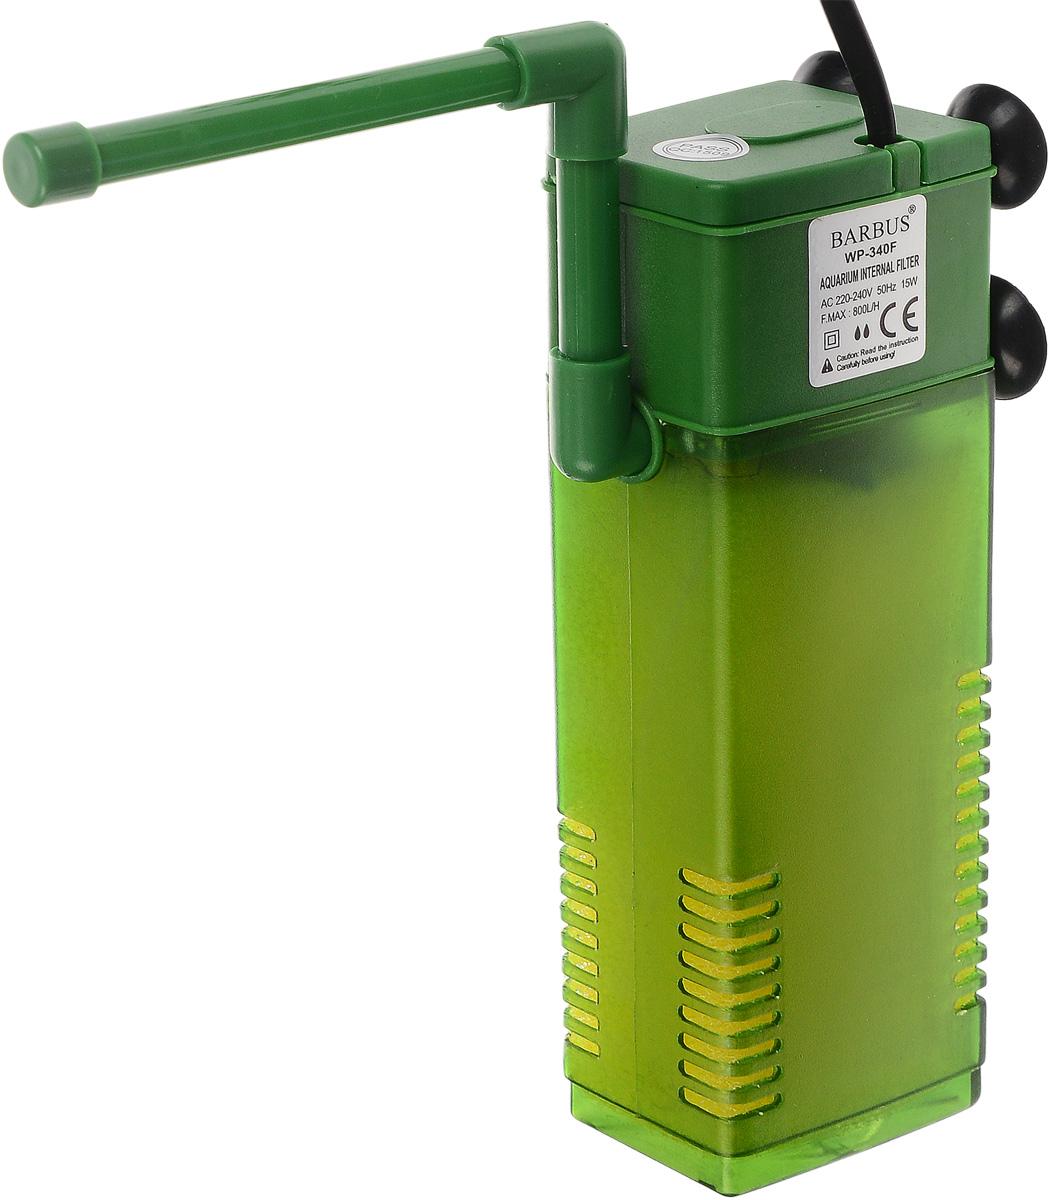 Фильтр для воды Barbus WP- 340F, аквариумный, с регулятором и флейтой, 800 л/ч фильтр для аквариума barbus wp 310f внутренний с регулятором и флейтой 200 л ч